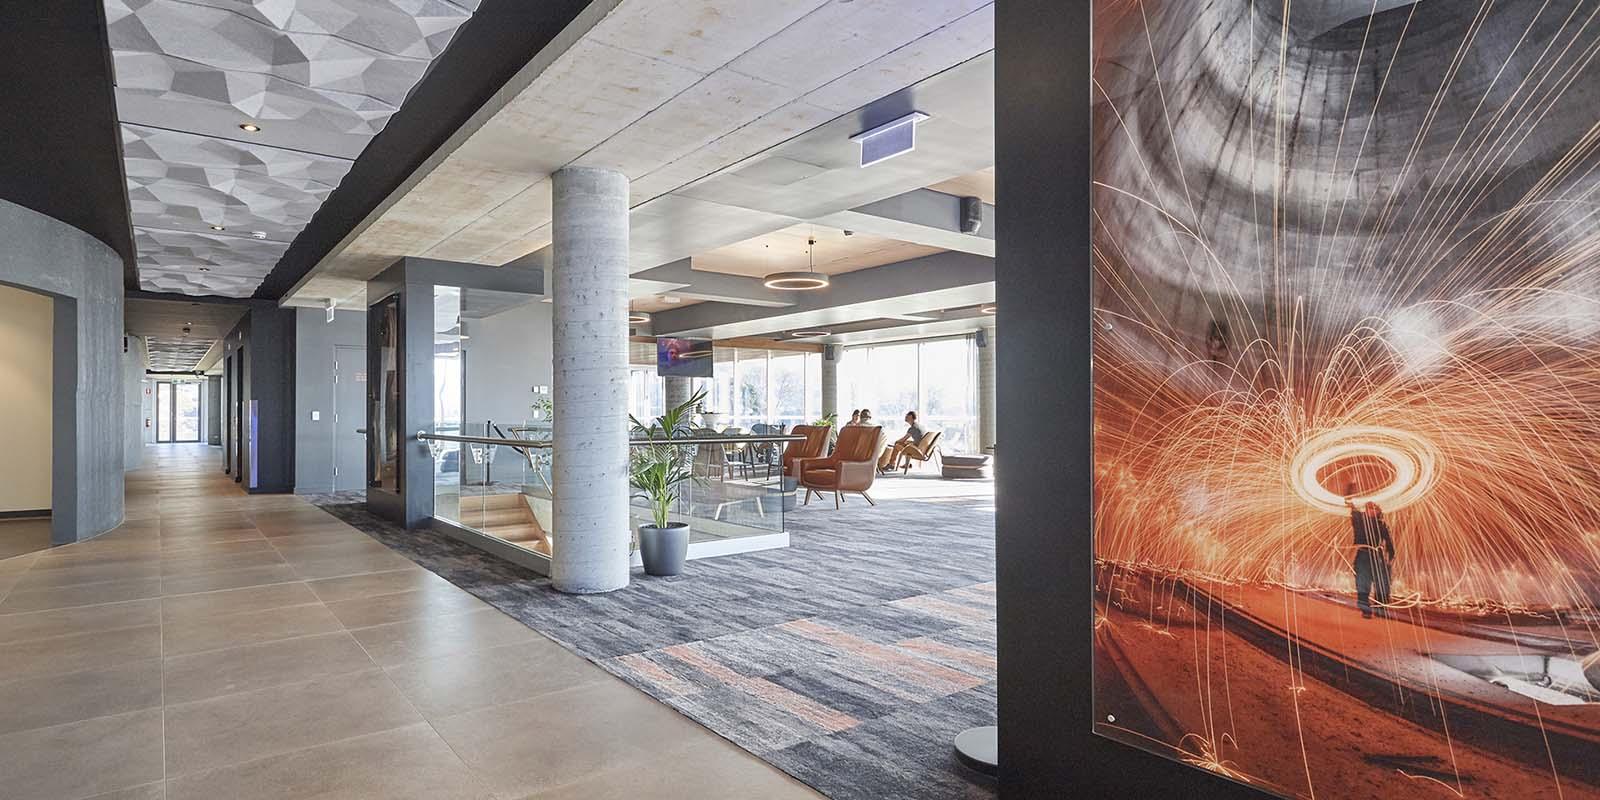 ARTAS Architects, Architects, Launceston, Tasmania